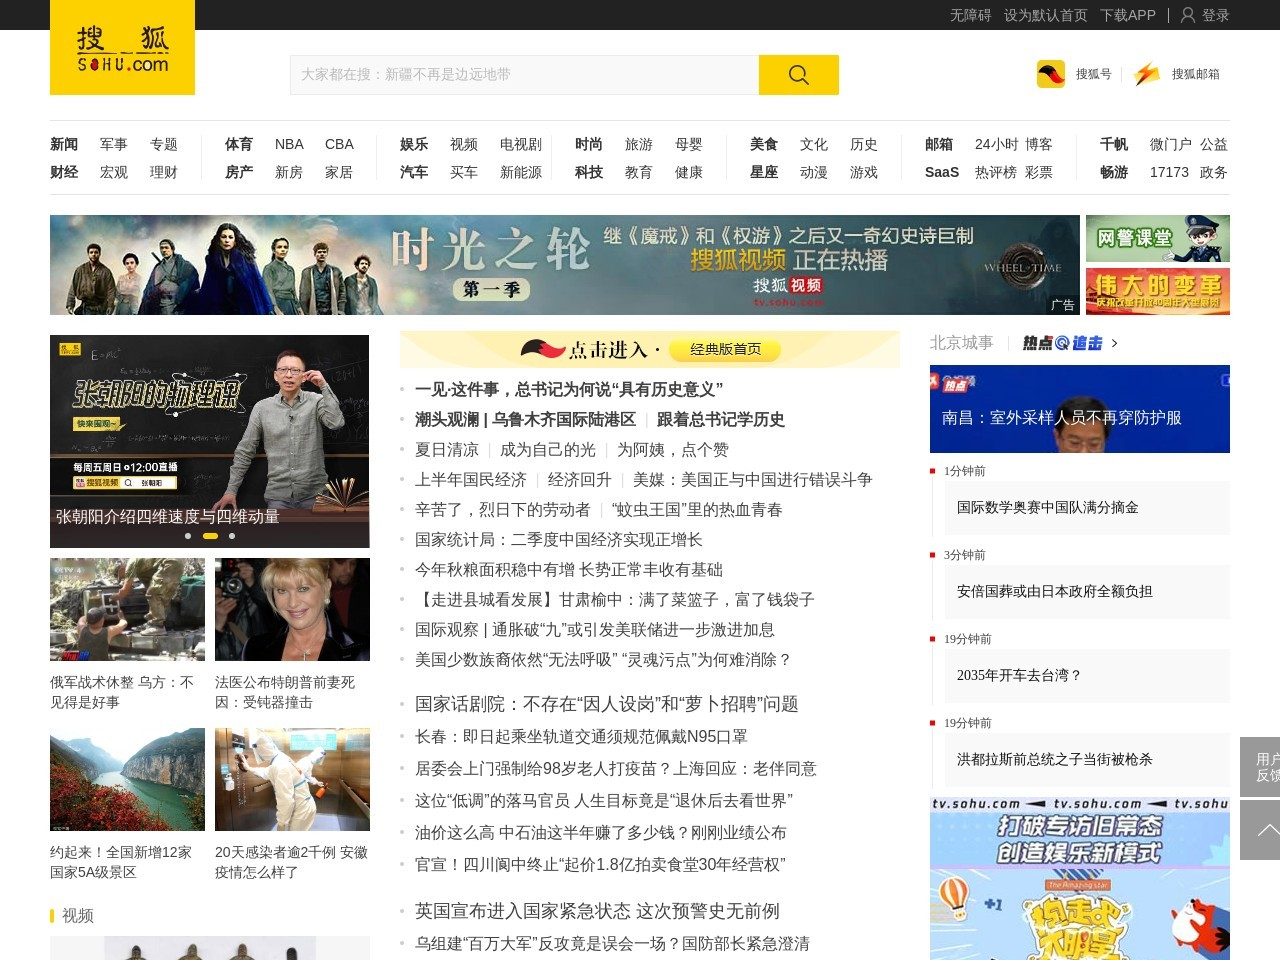 上坤地产(06900-HK)去年多赚约62.2% 股息2分人民币_净资产负债率